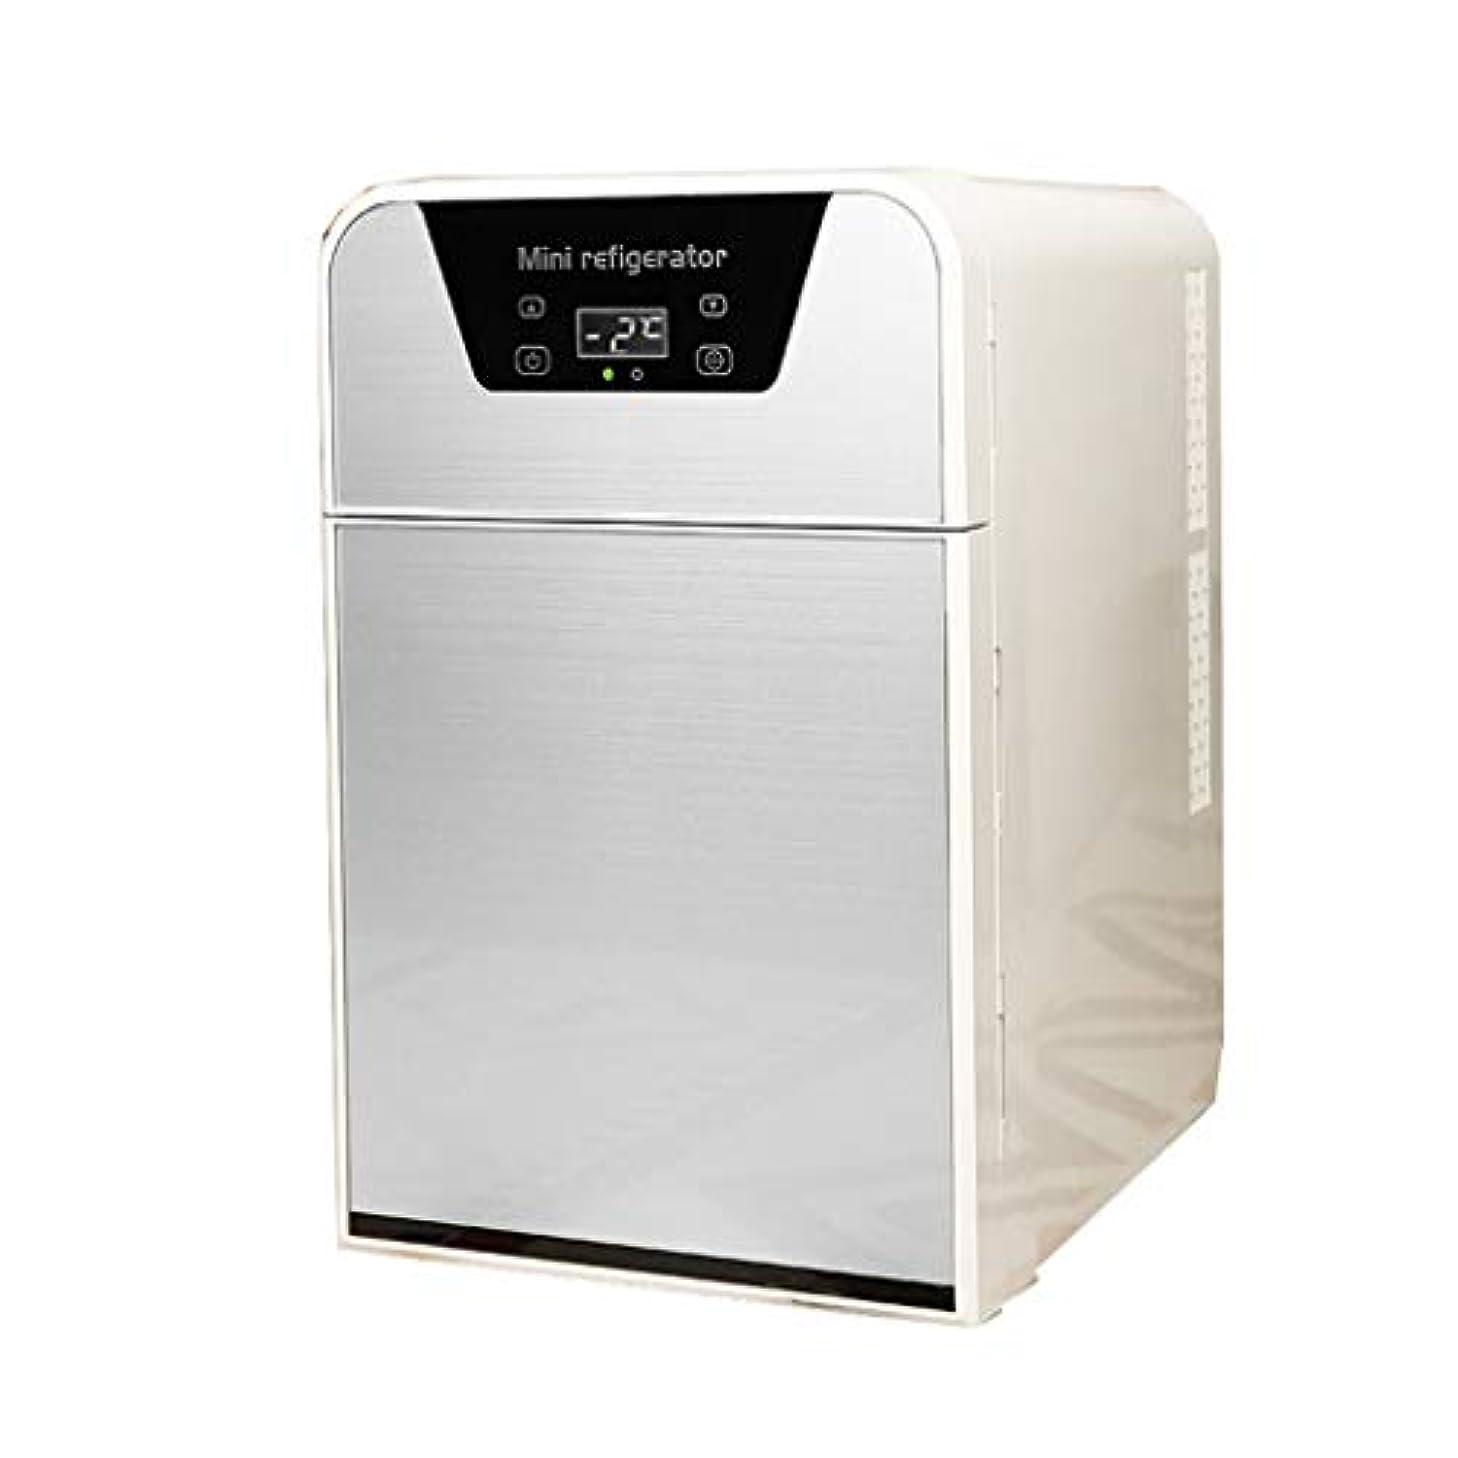 遺伝的テープ努力するミニ冷蔵庫、デュアルコアCNC冷蔵庫、兼用車、シルバー、22L